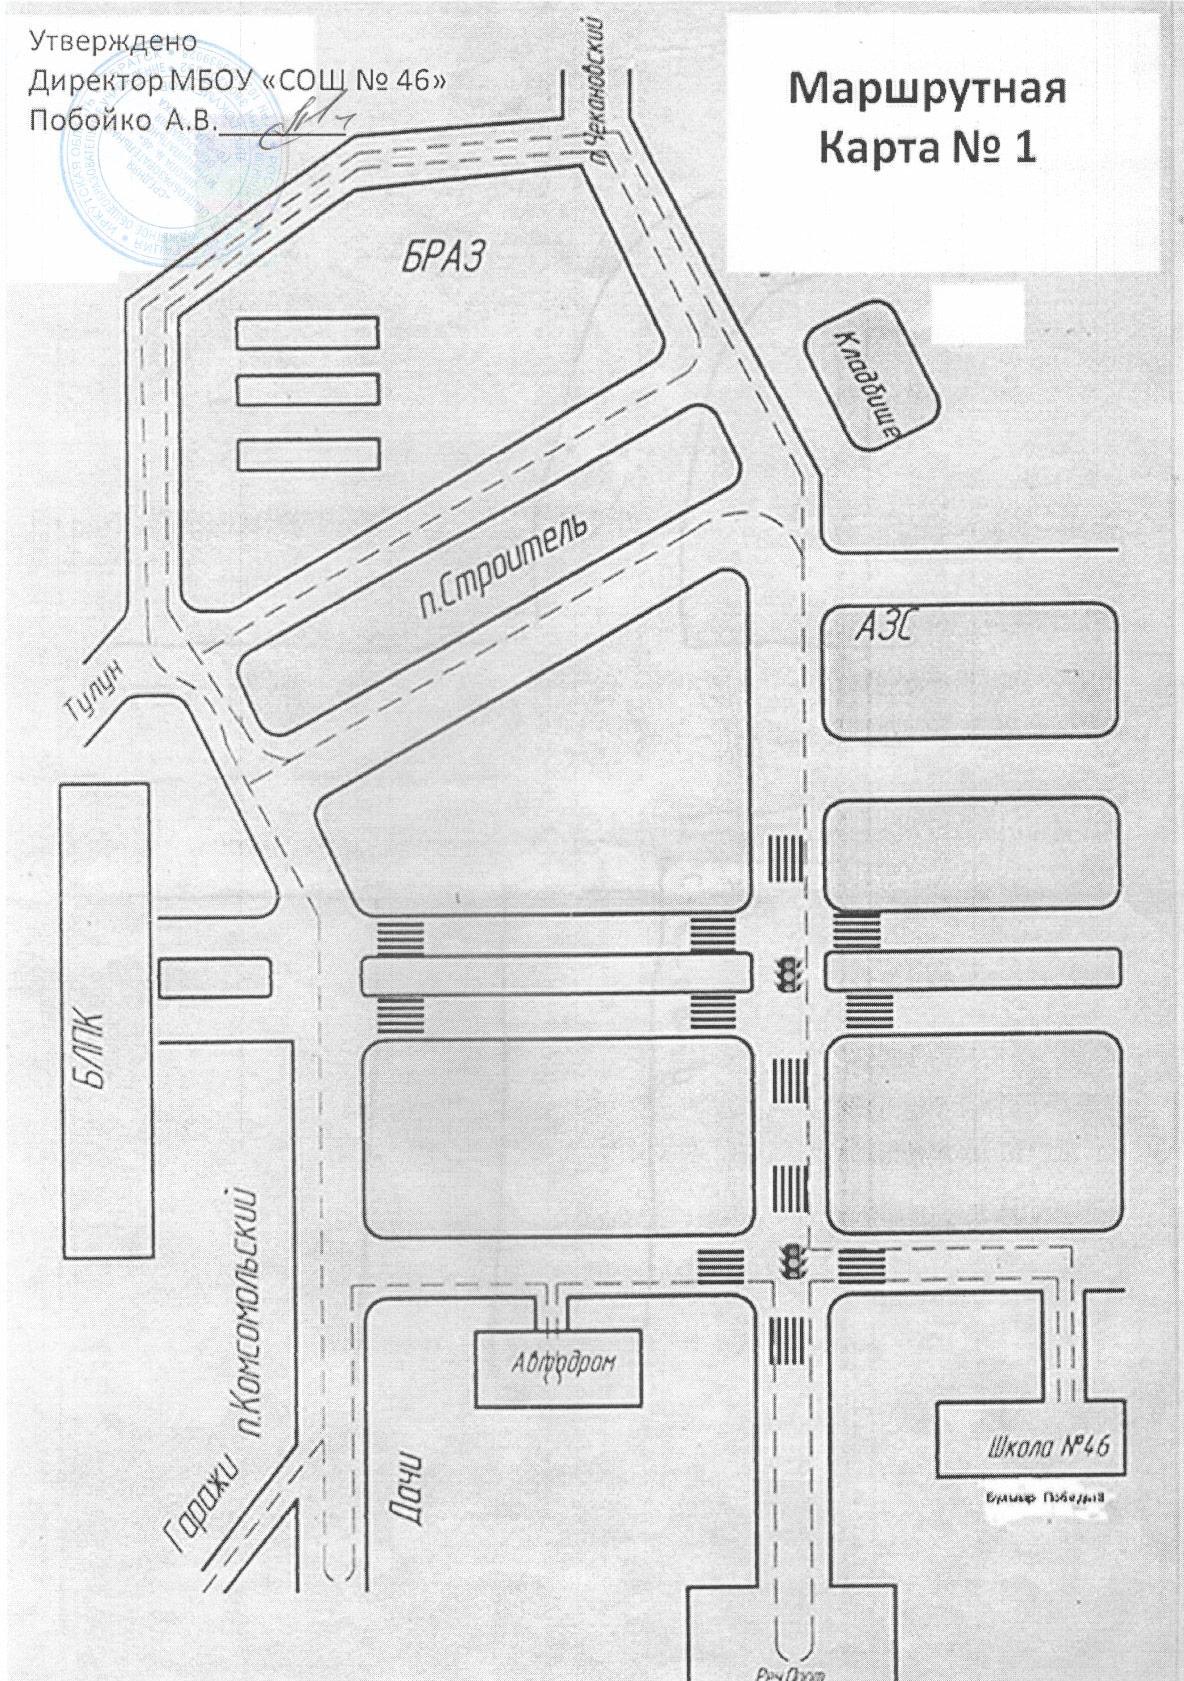 фото маршрутные карты для обходчиков о газу масличной